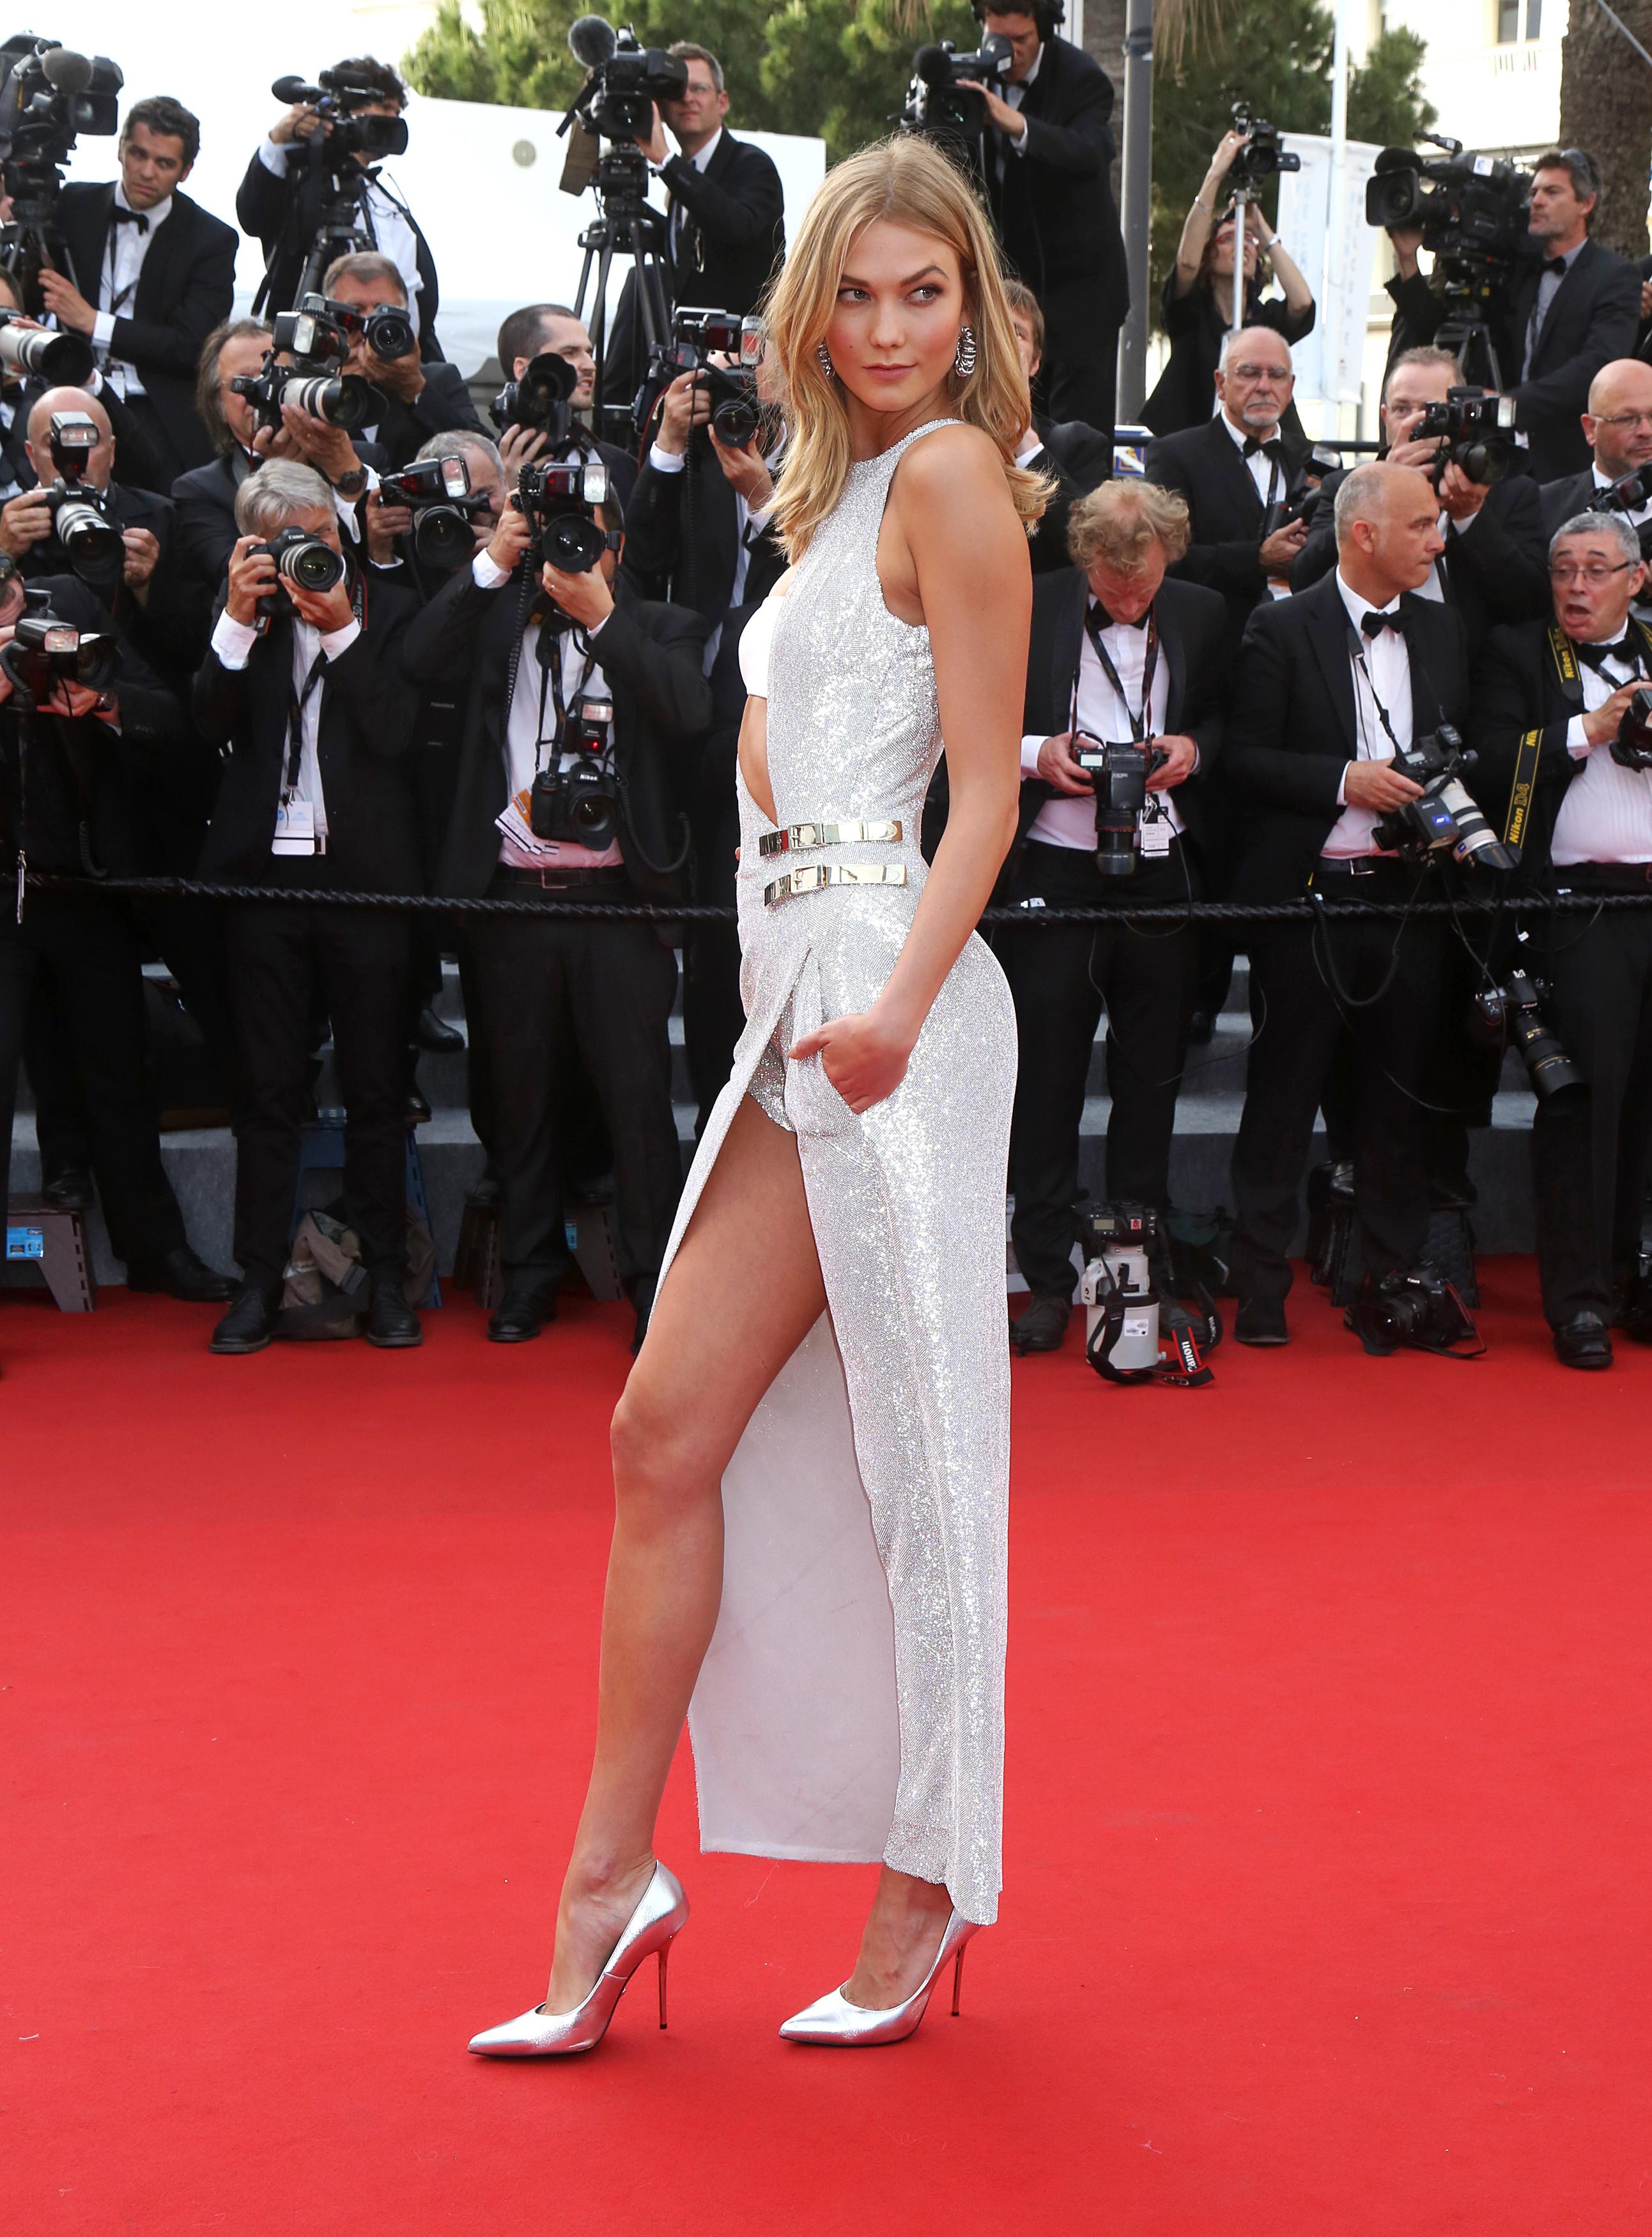 Gwiazdy na rozpoczęciu 68. Festiwalu Filmowego w Cannes